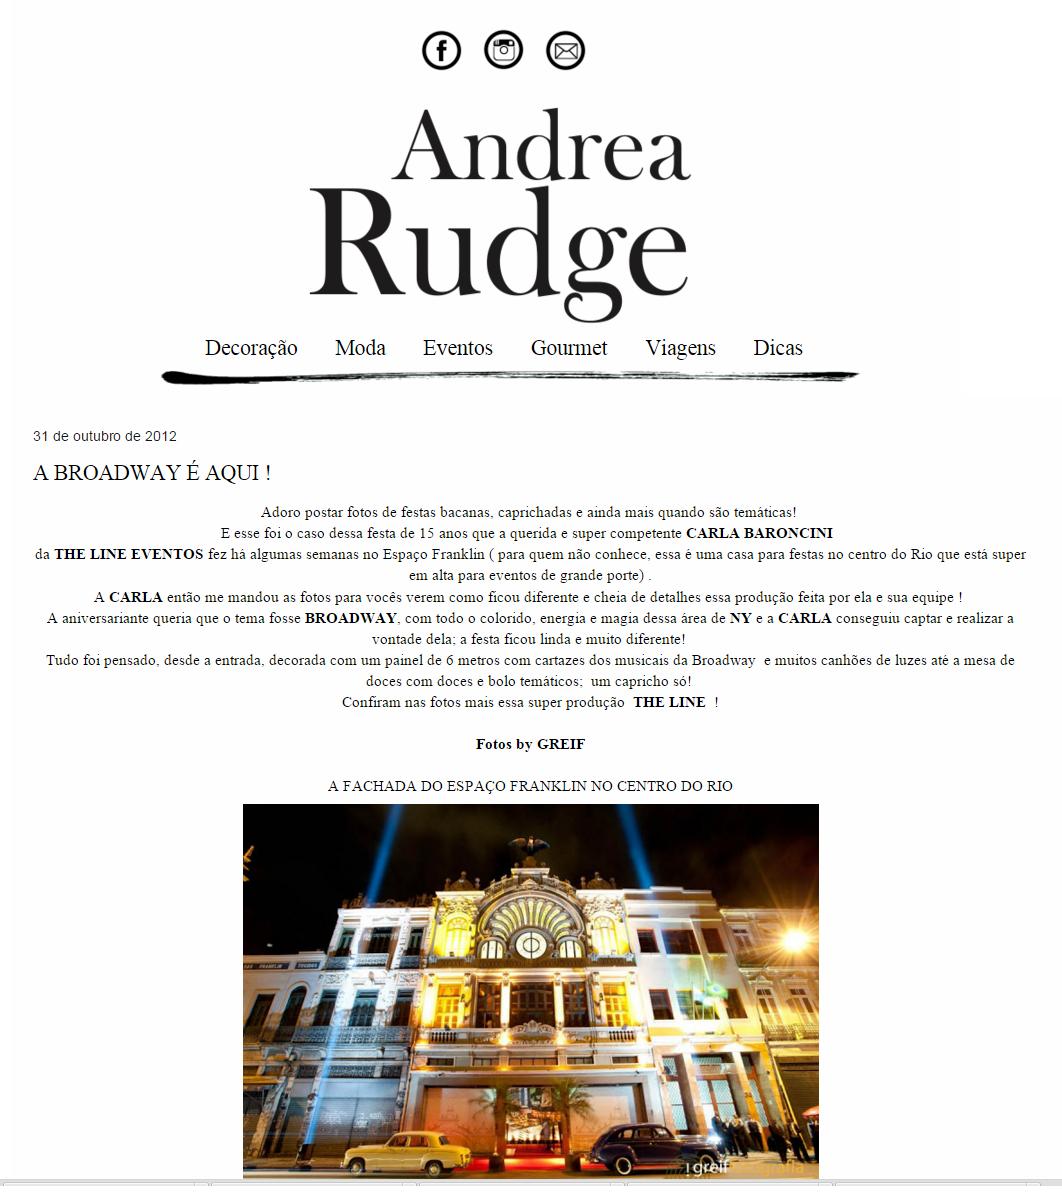 05-Niver-AndreaRudge-285x300